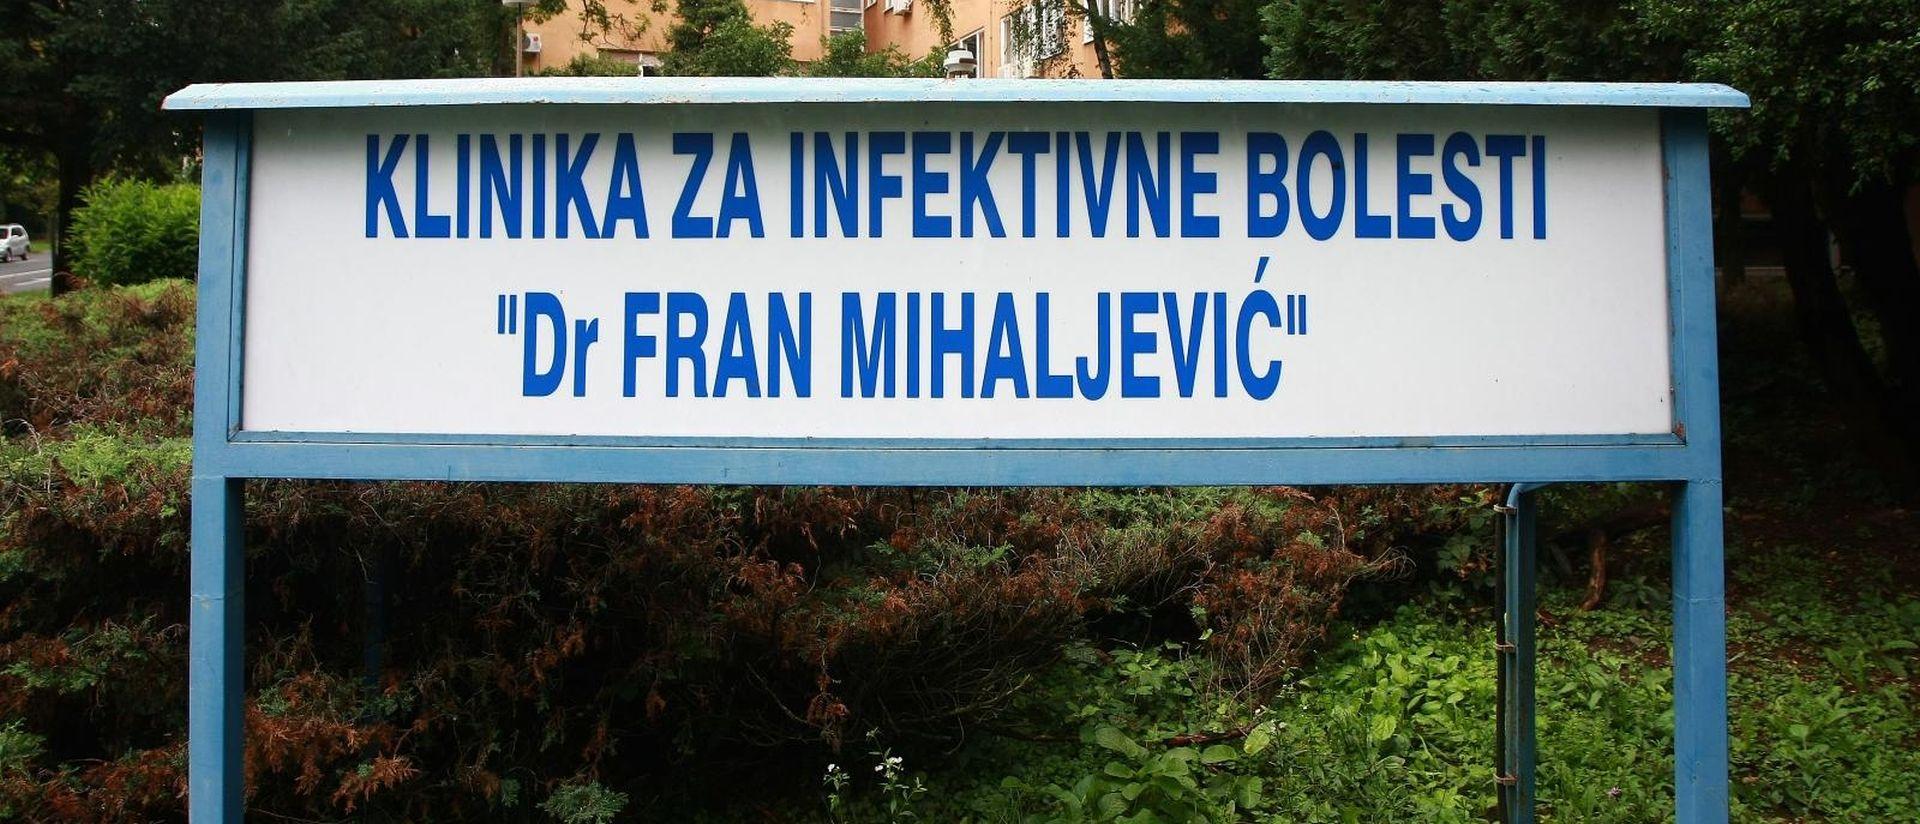 """INSPEKCIJA MINISTARSTVA """"Blizanci su tretirani po pravilima struke"""""""